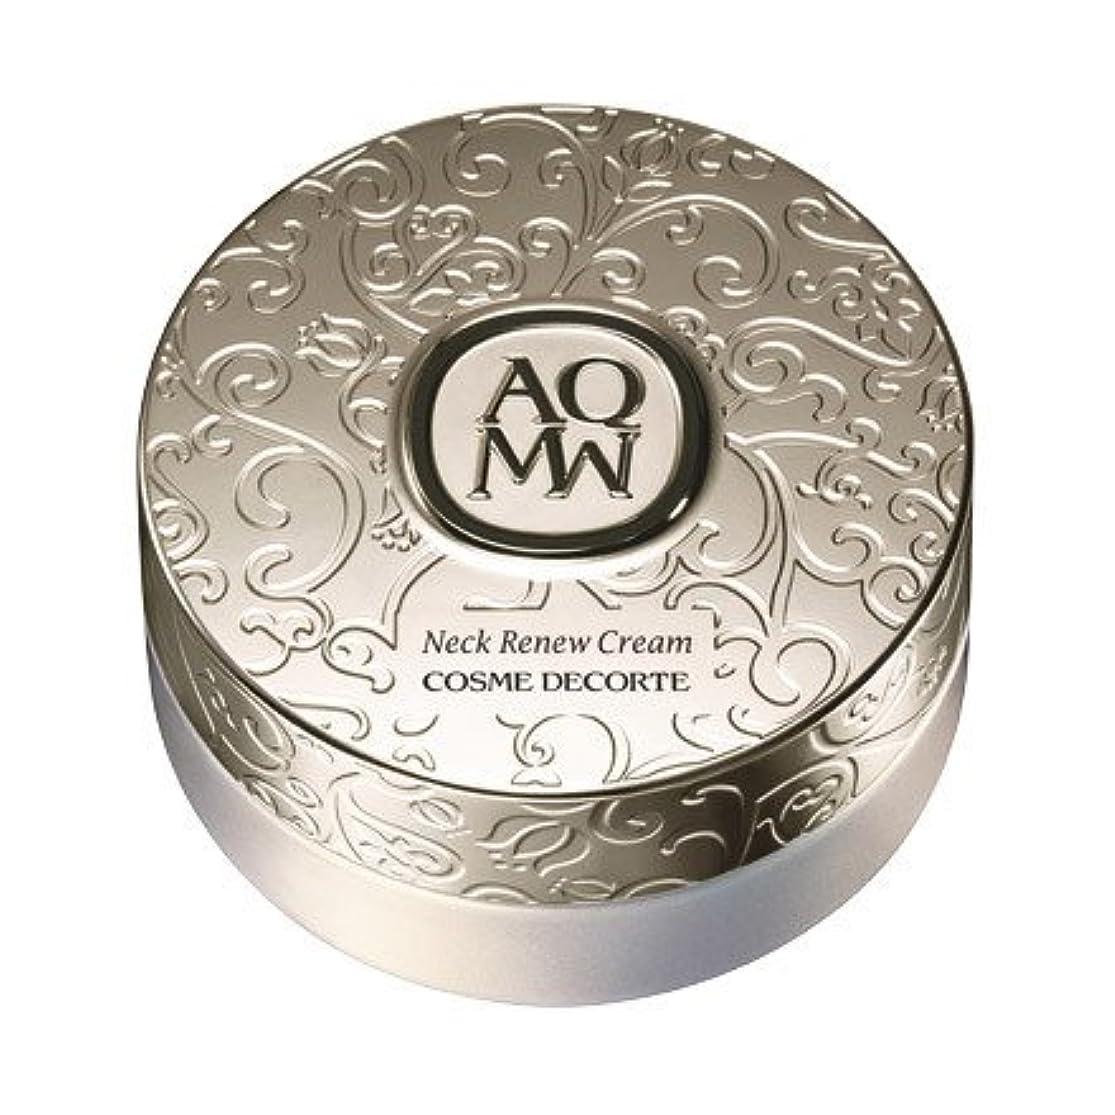 冷蔵庫世界に死んだできればコスメデコルテ AQ MW ネック リニュー クリーム(50g)